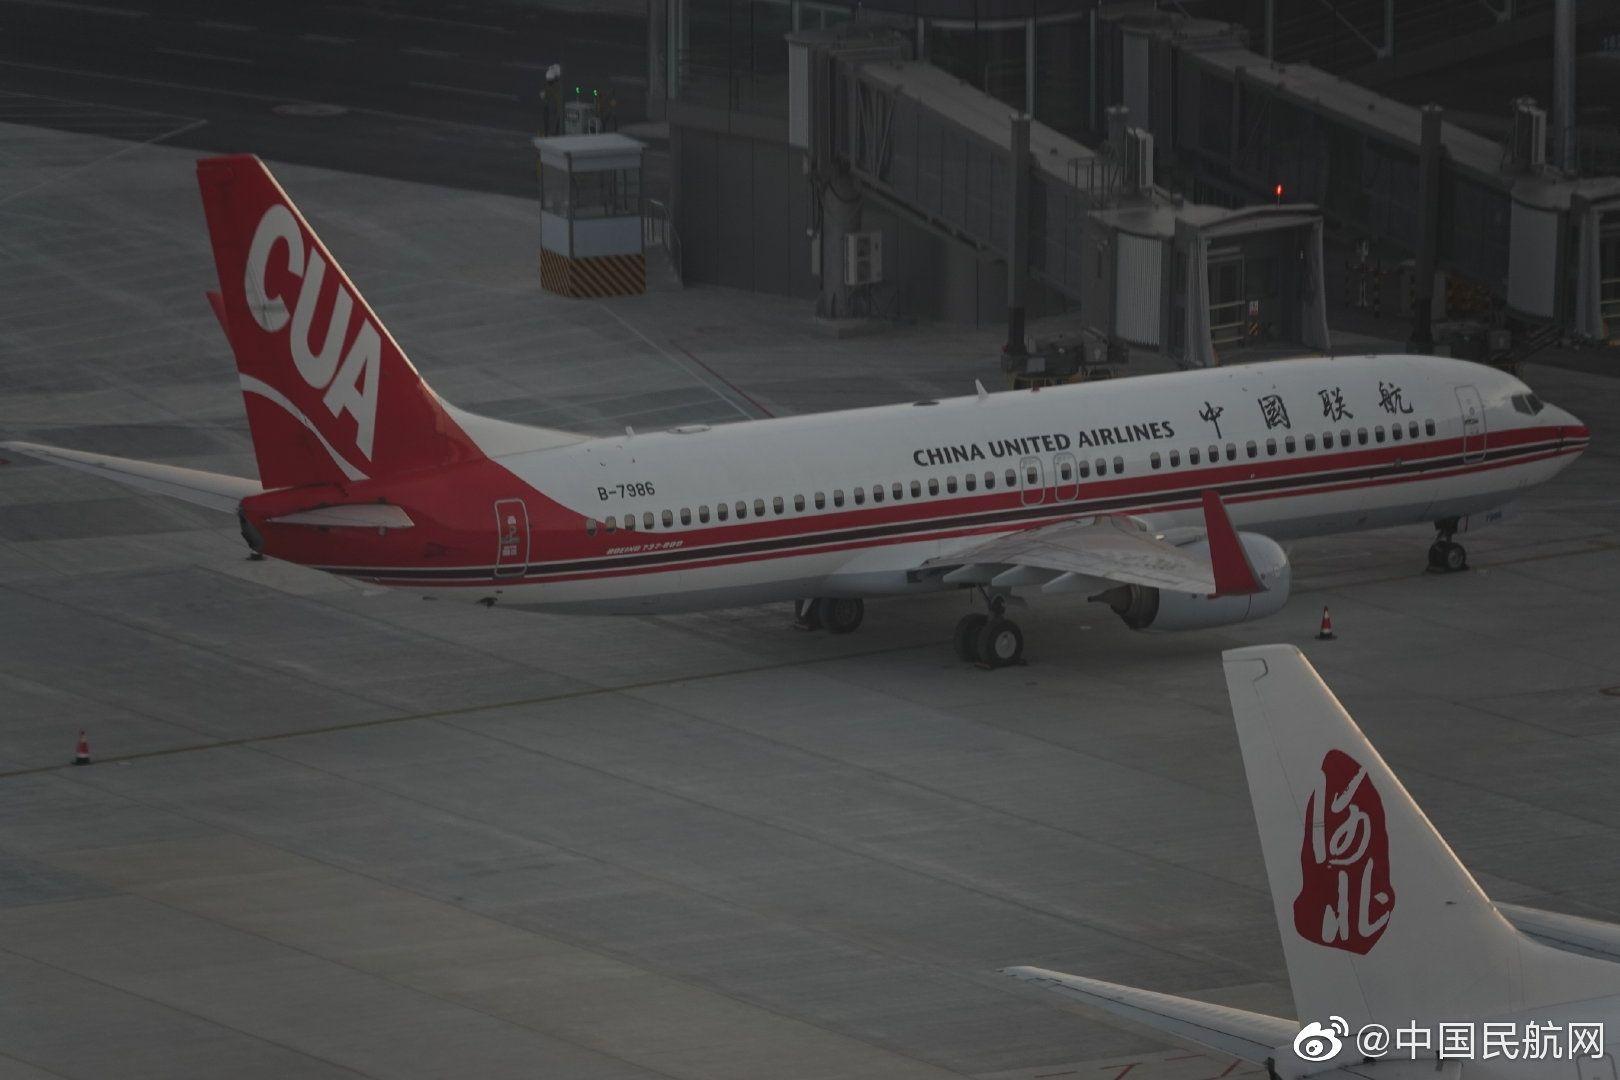 9月26日中联航将整体搬迁至大兴机场运行